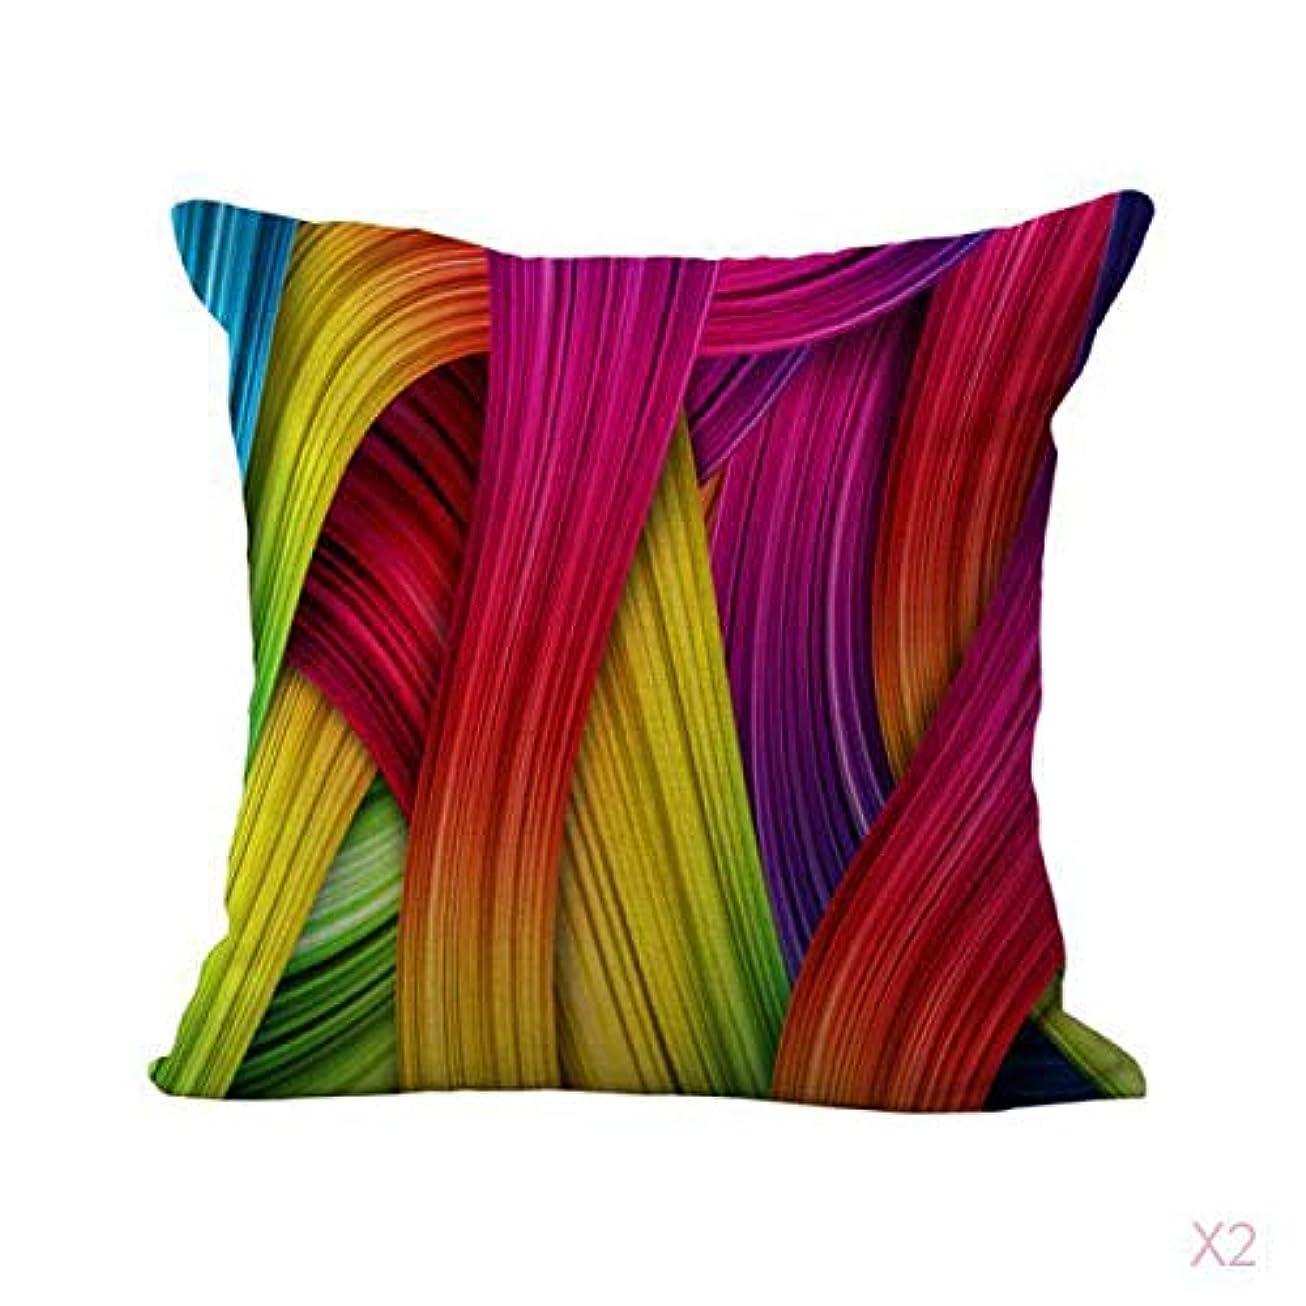 文字通り礼拝真似る色のリボンプリントコットンリネンスロー枕カバークッションカバー装飾